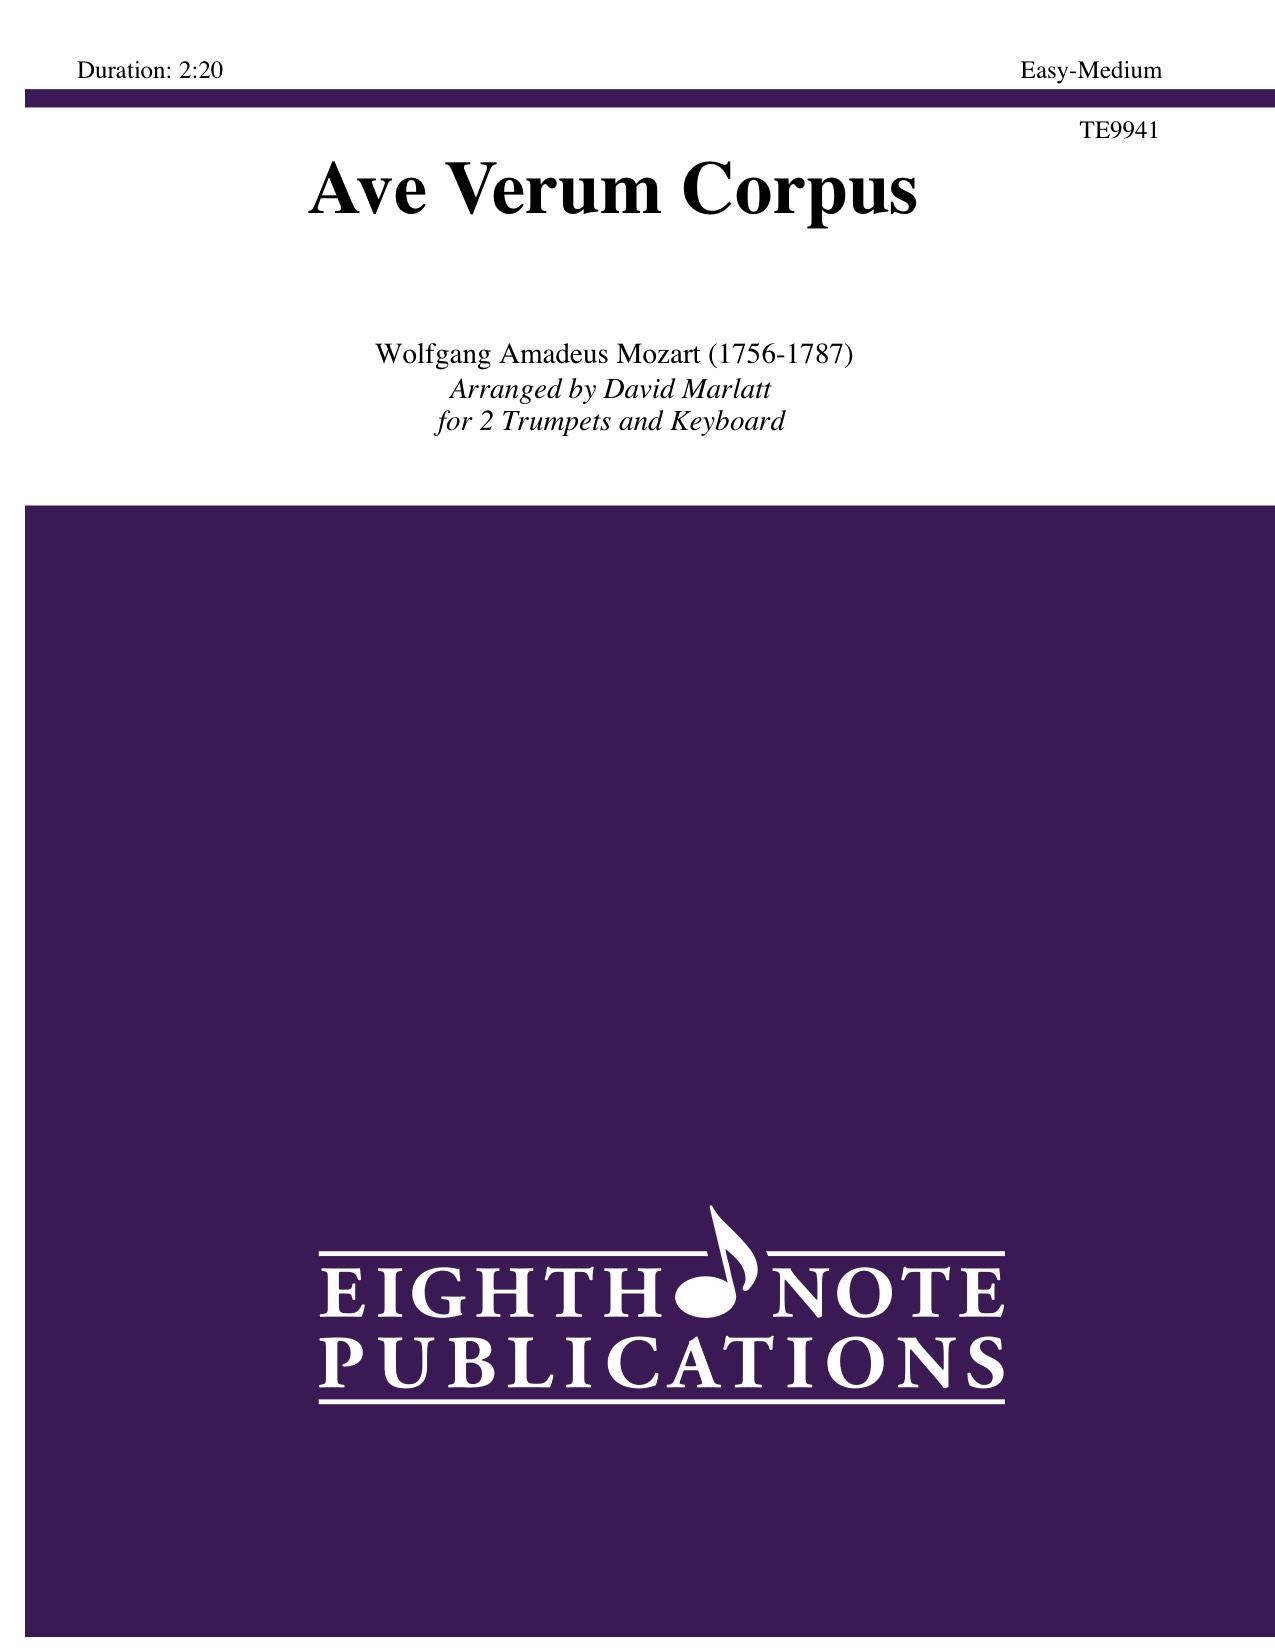 Ave Verum Corpus  - Johann Sebastian Bach